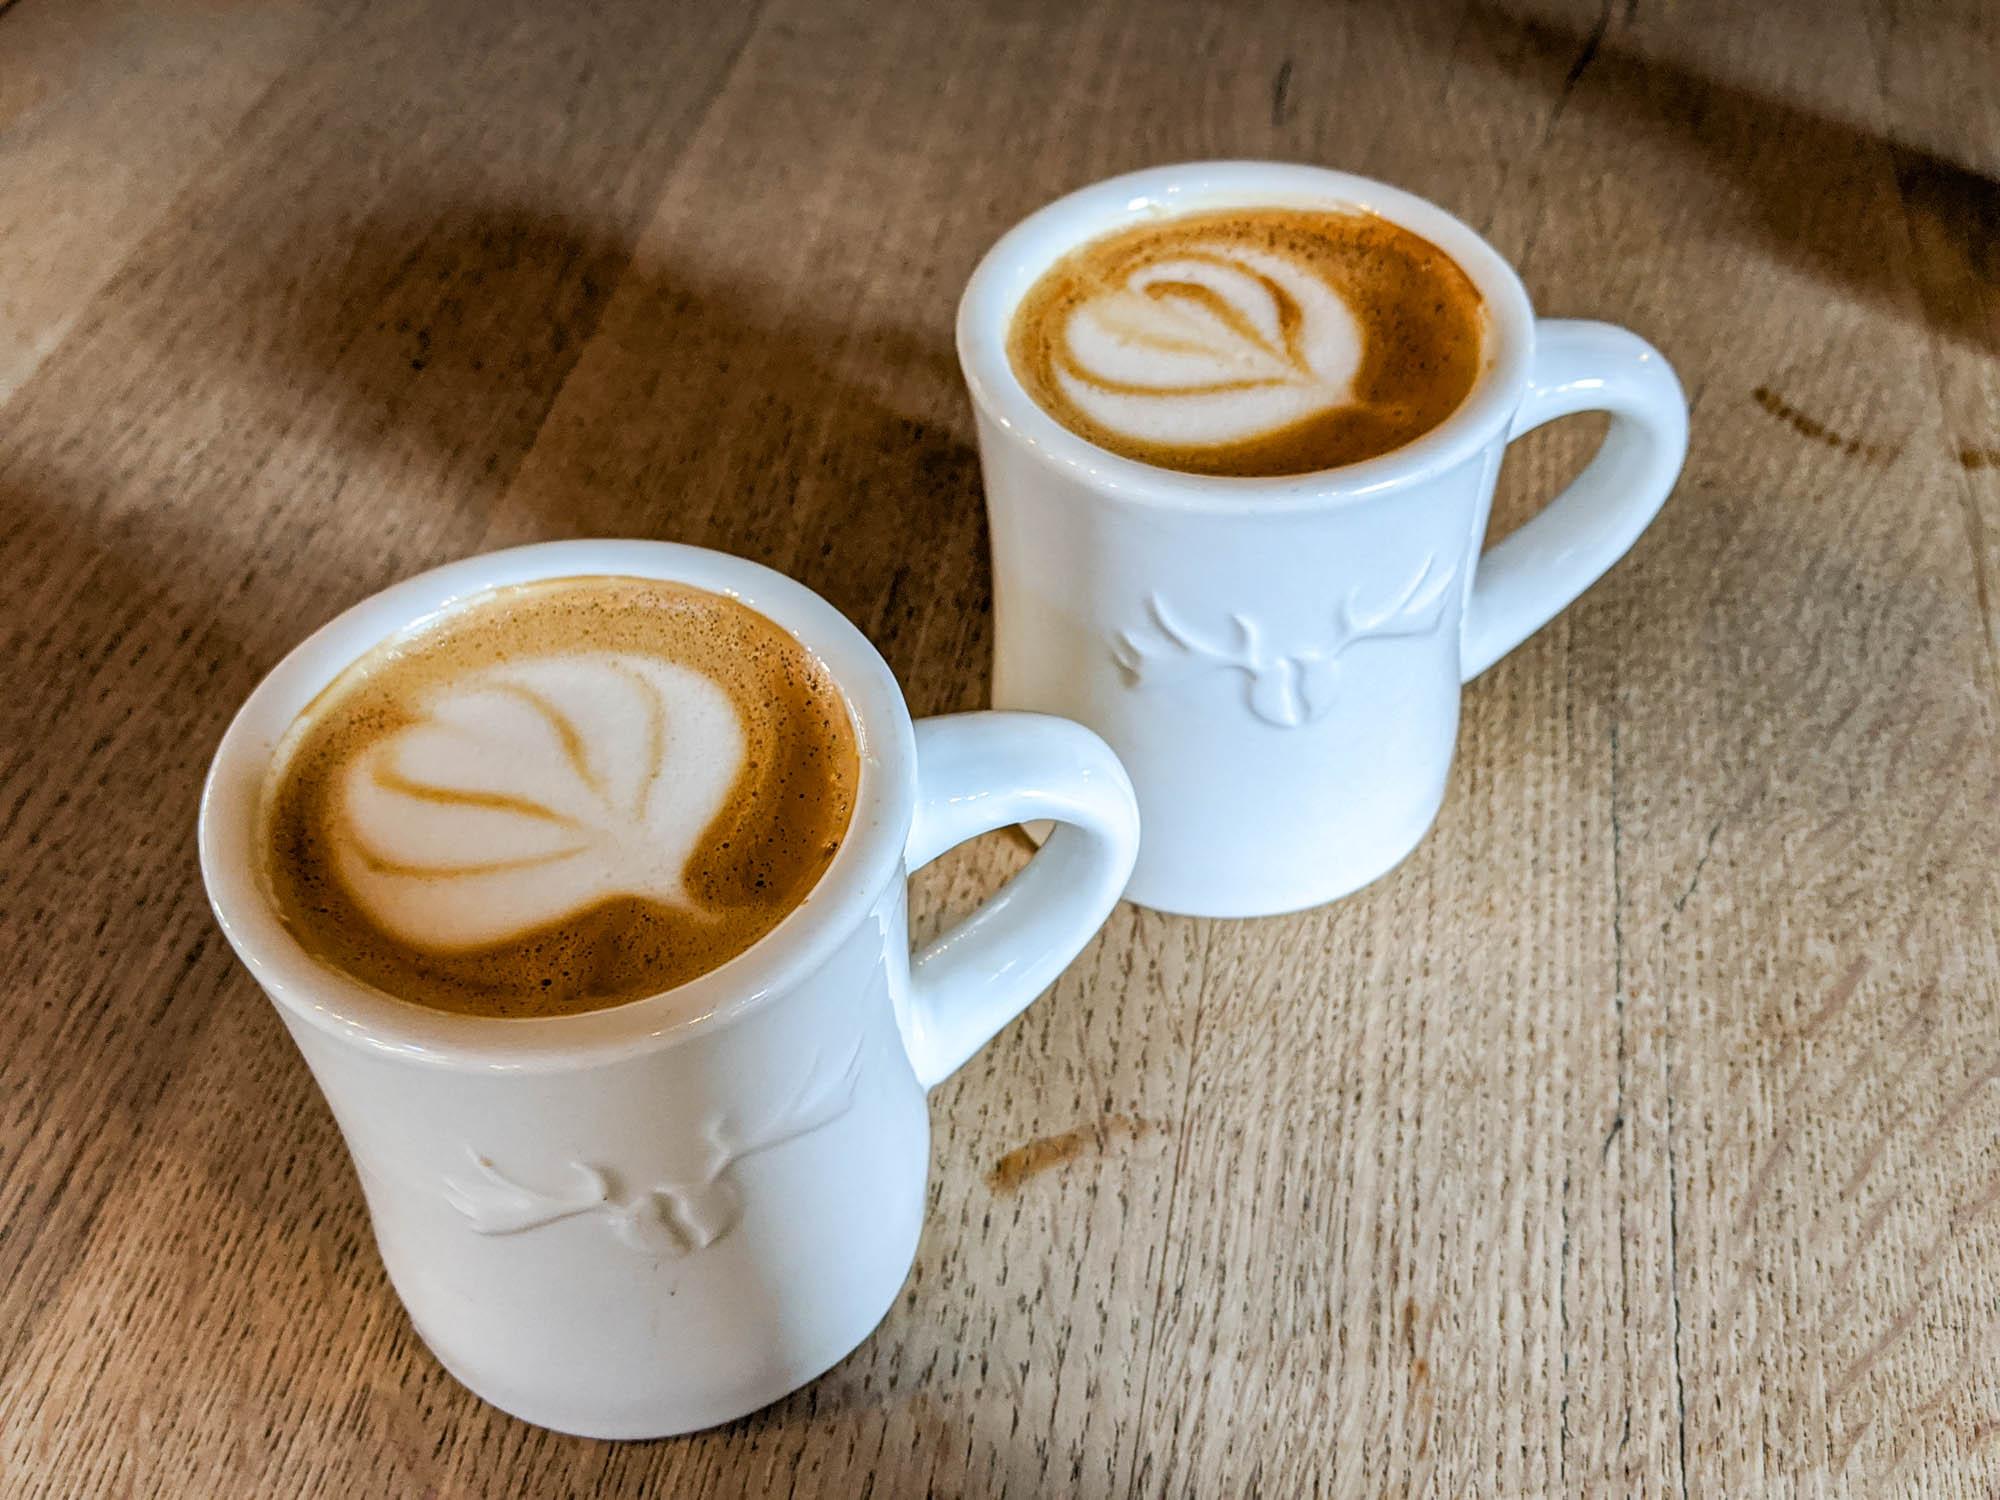 Moose salted caramel latte